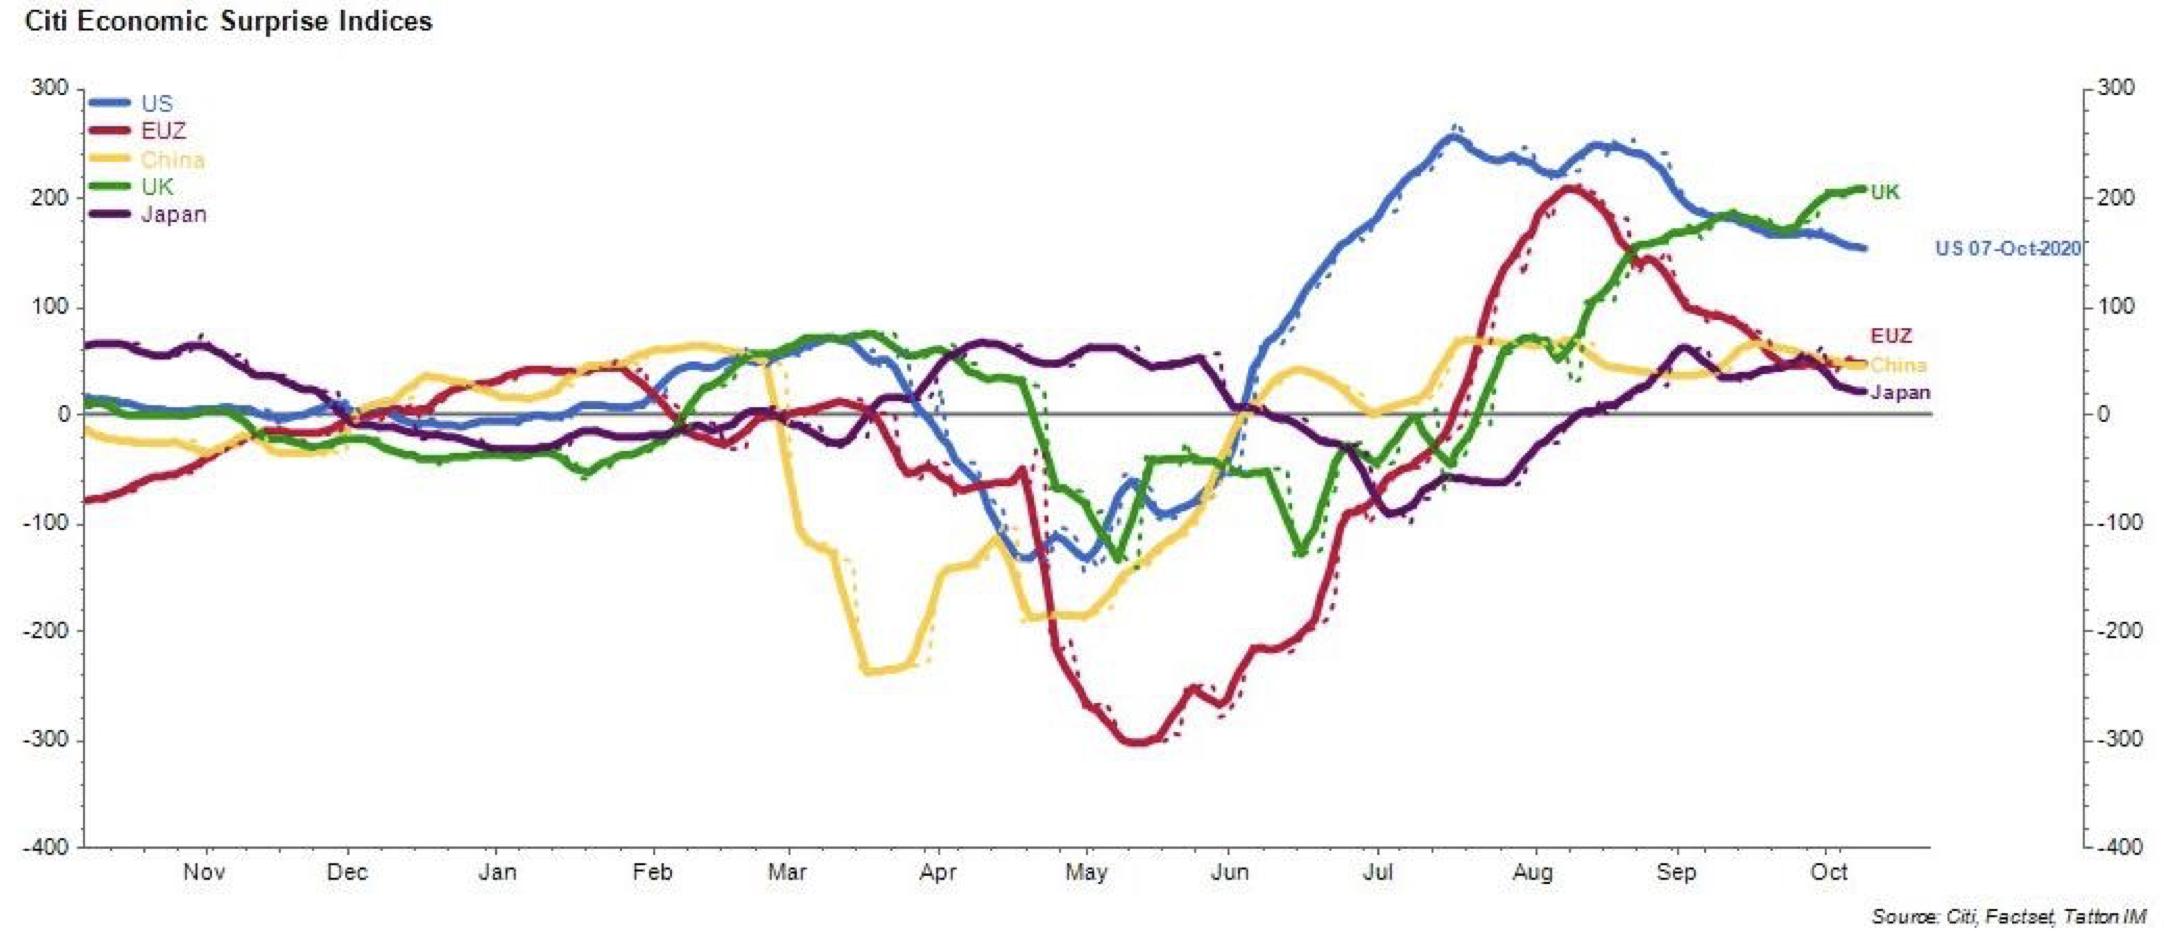 Citi Economic Surprise Indices